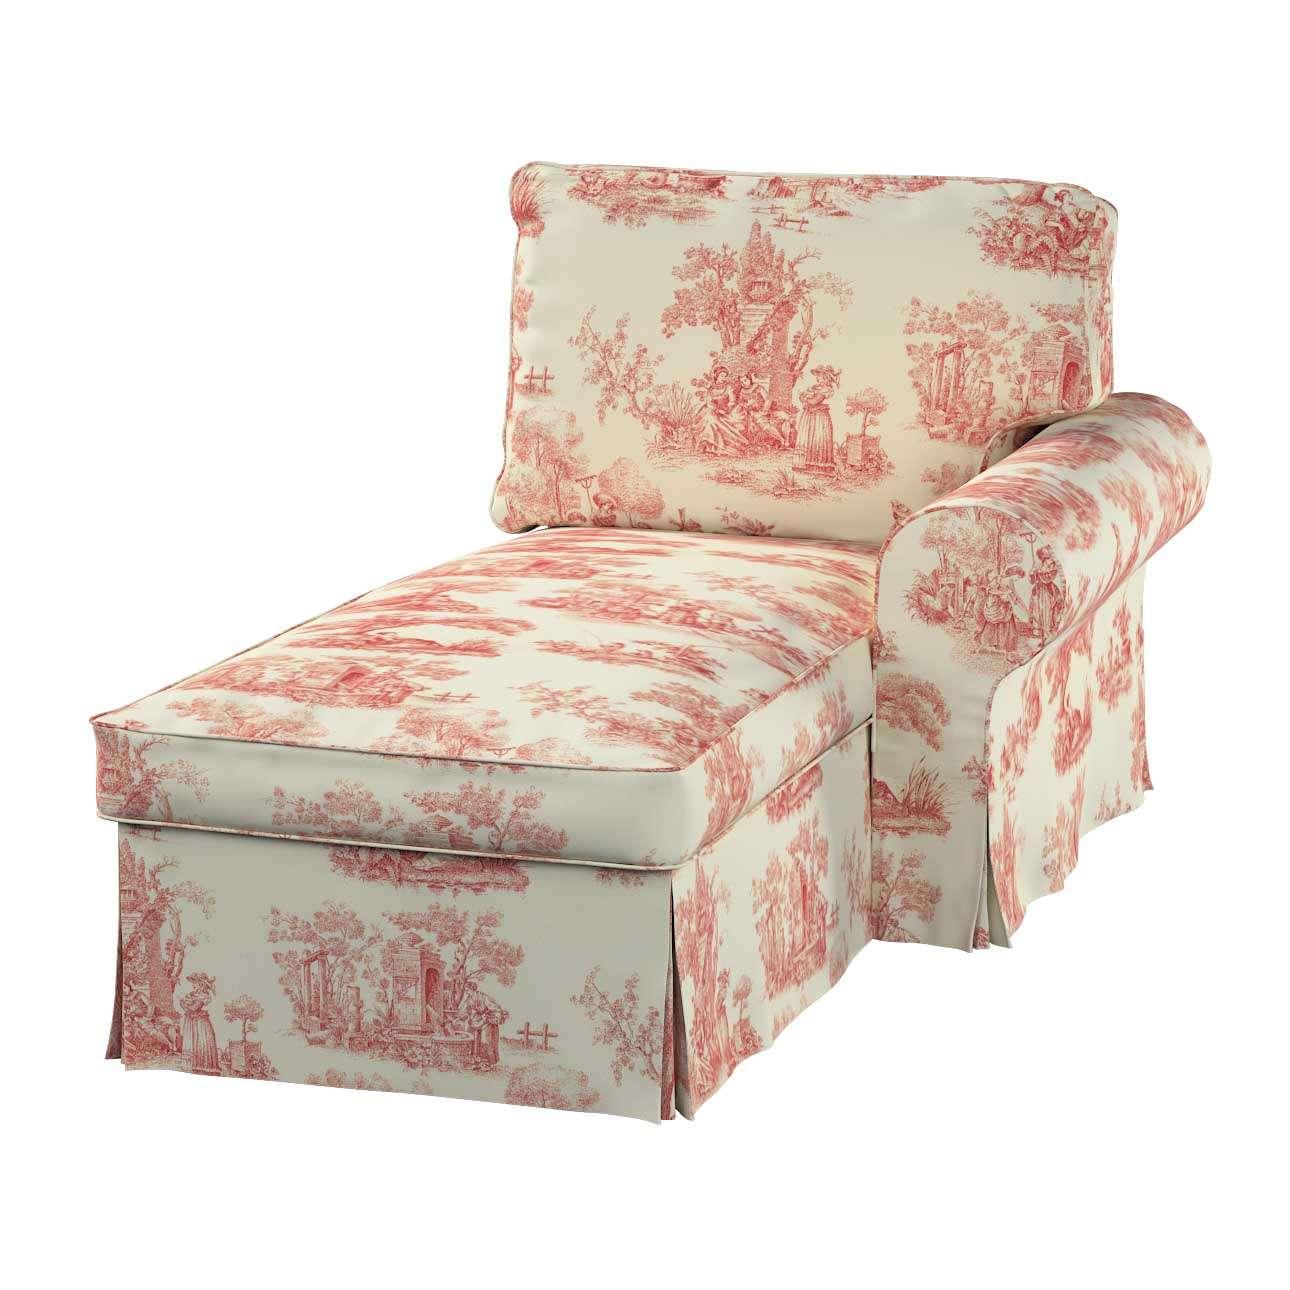 Ektorp gulimajo krėslo užvalkalas  (su porankiu, dešiniojo) Ektorp gulimojo krėslo užvalkalas su porankiu (dešiniojo) kolekcijoje Avinon, audinys: 132-15